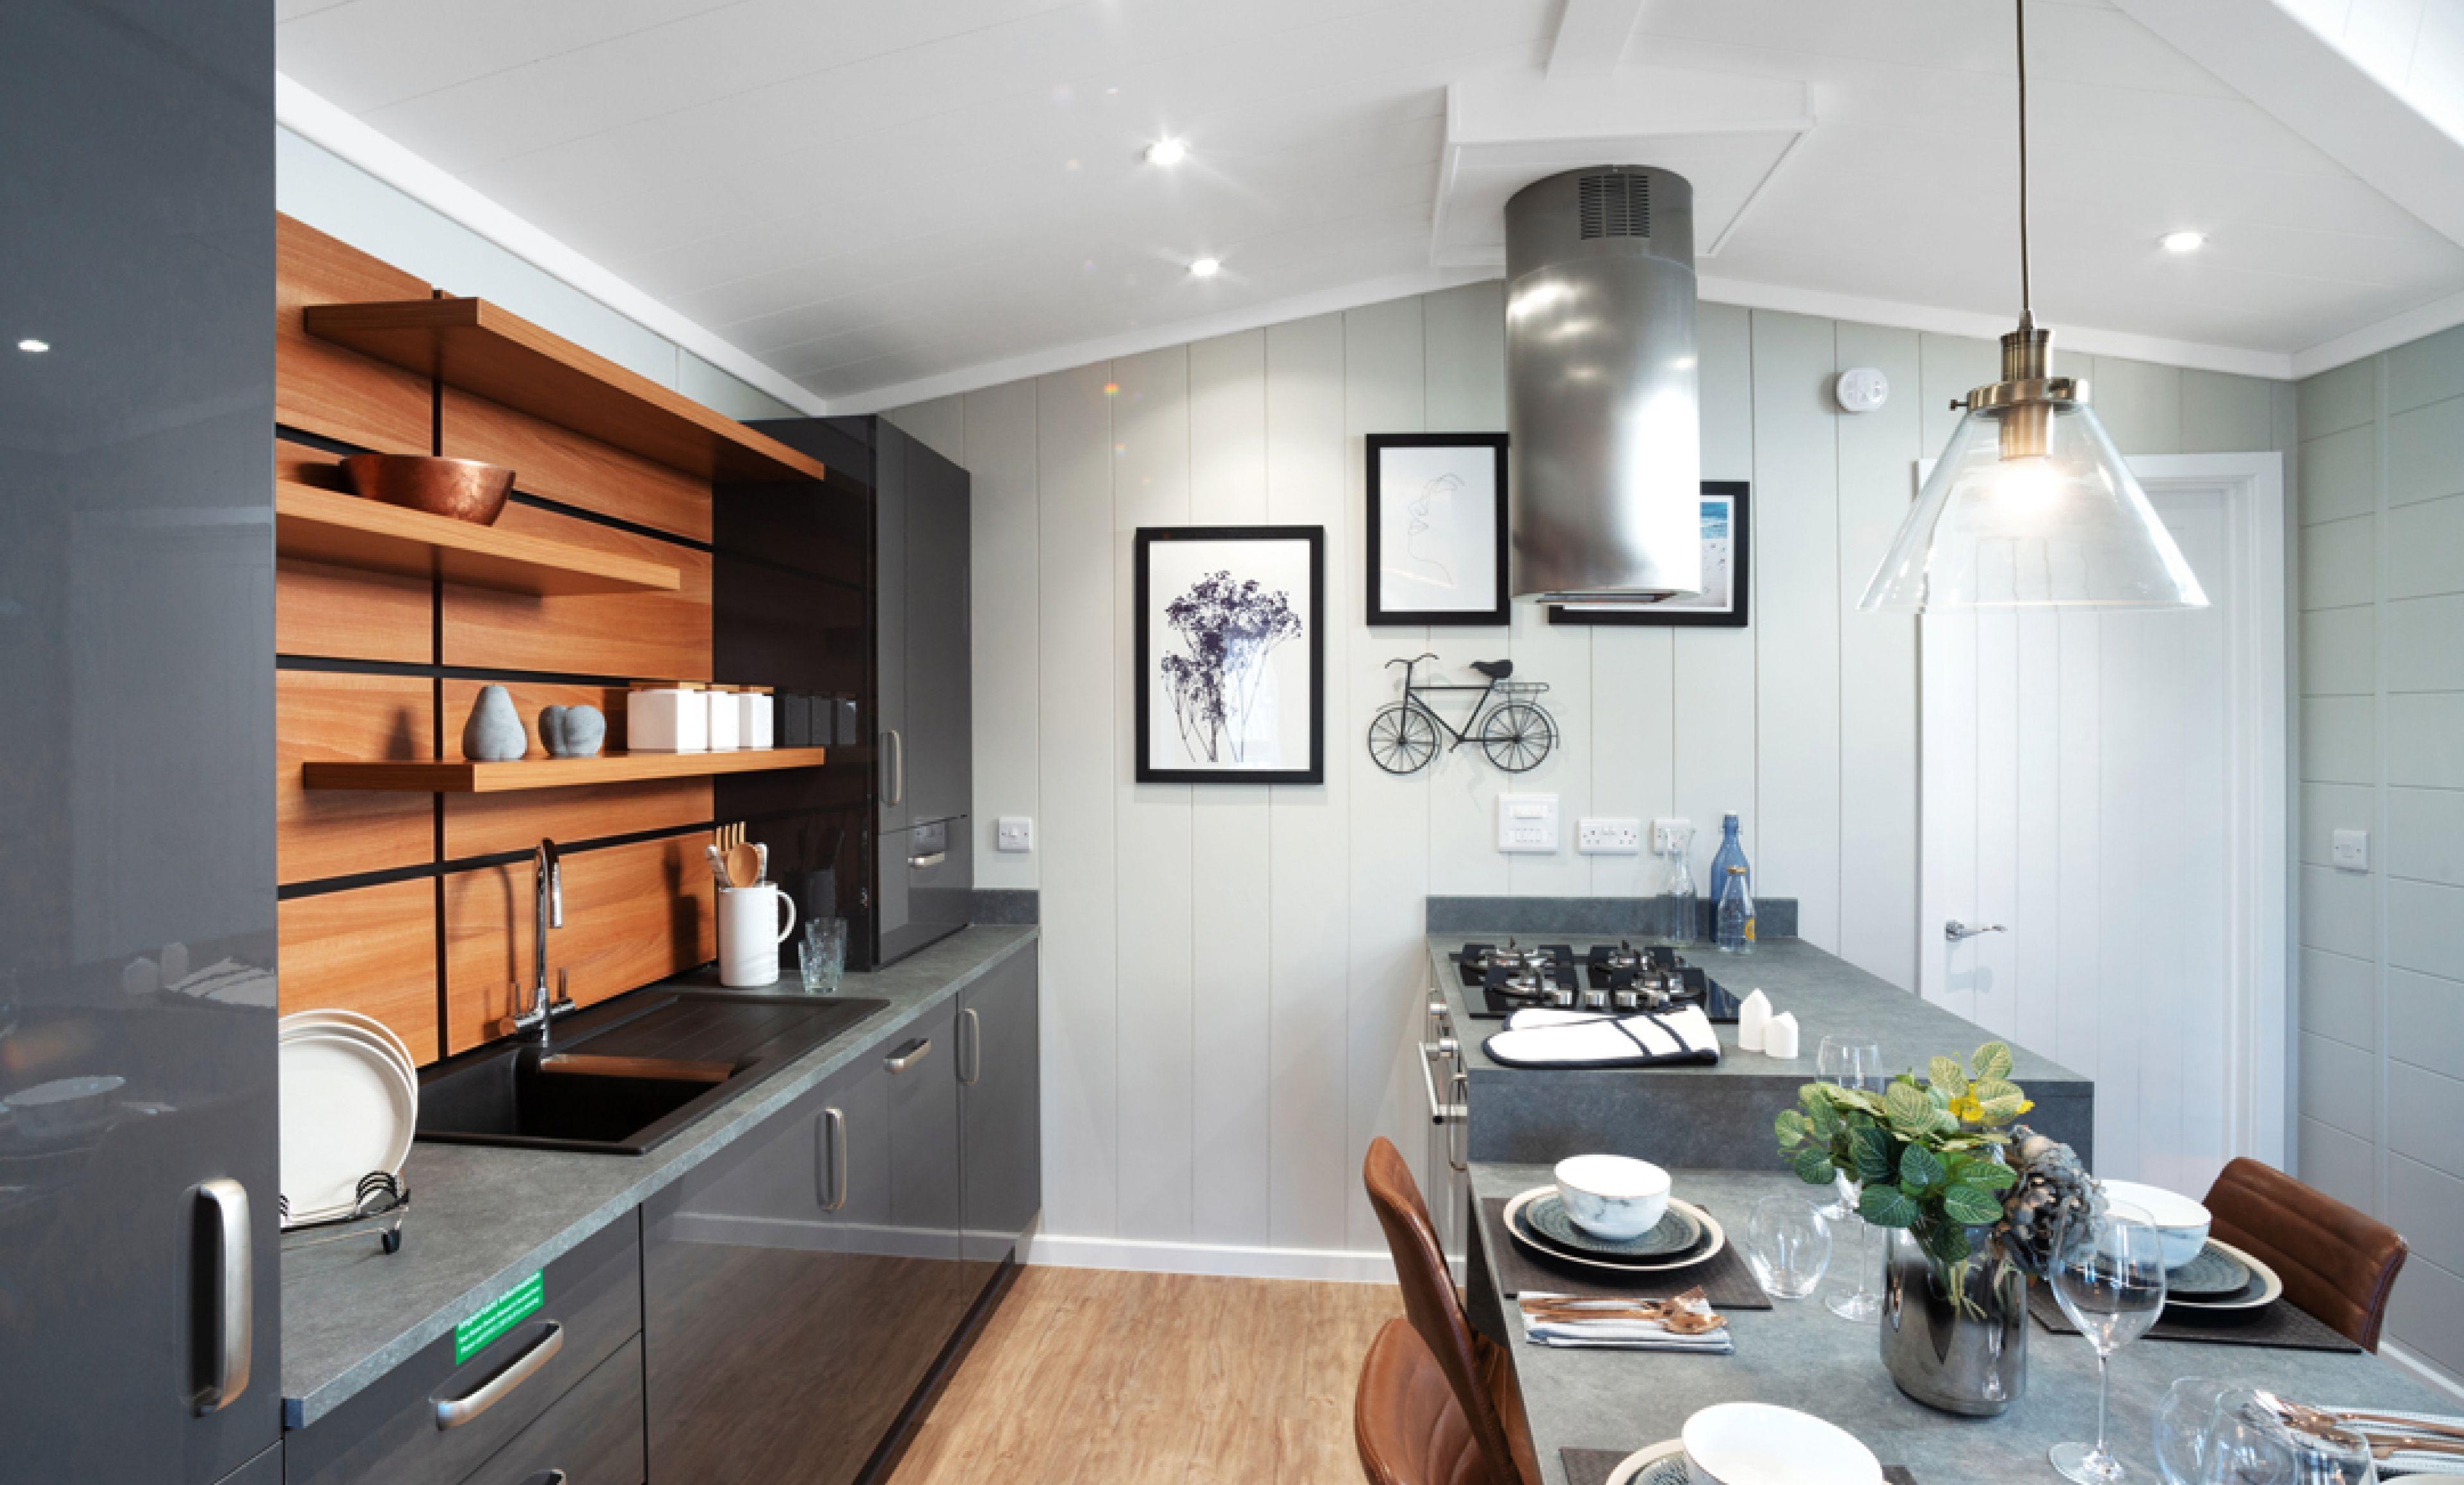 The Savannah - Kitchen